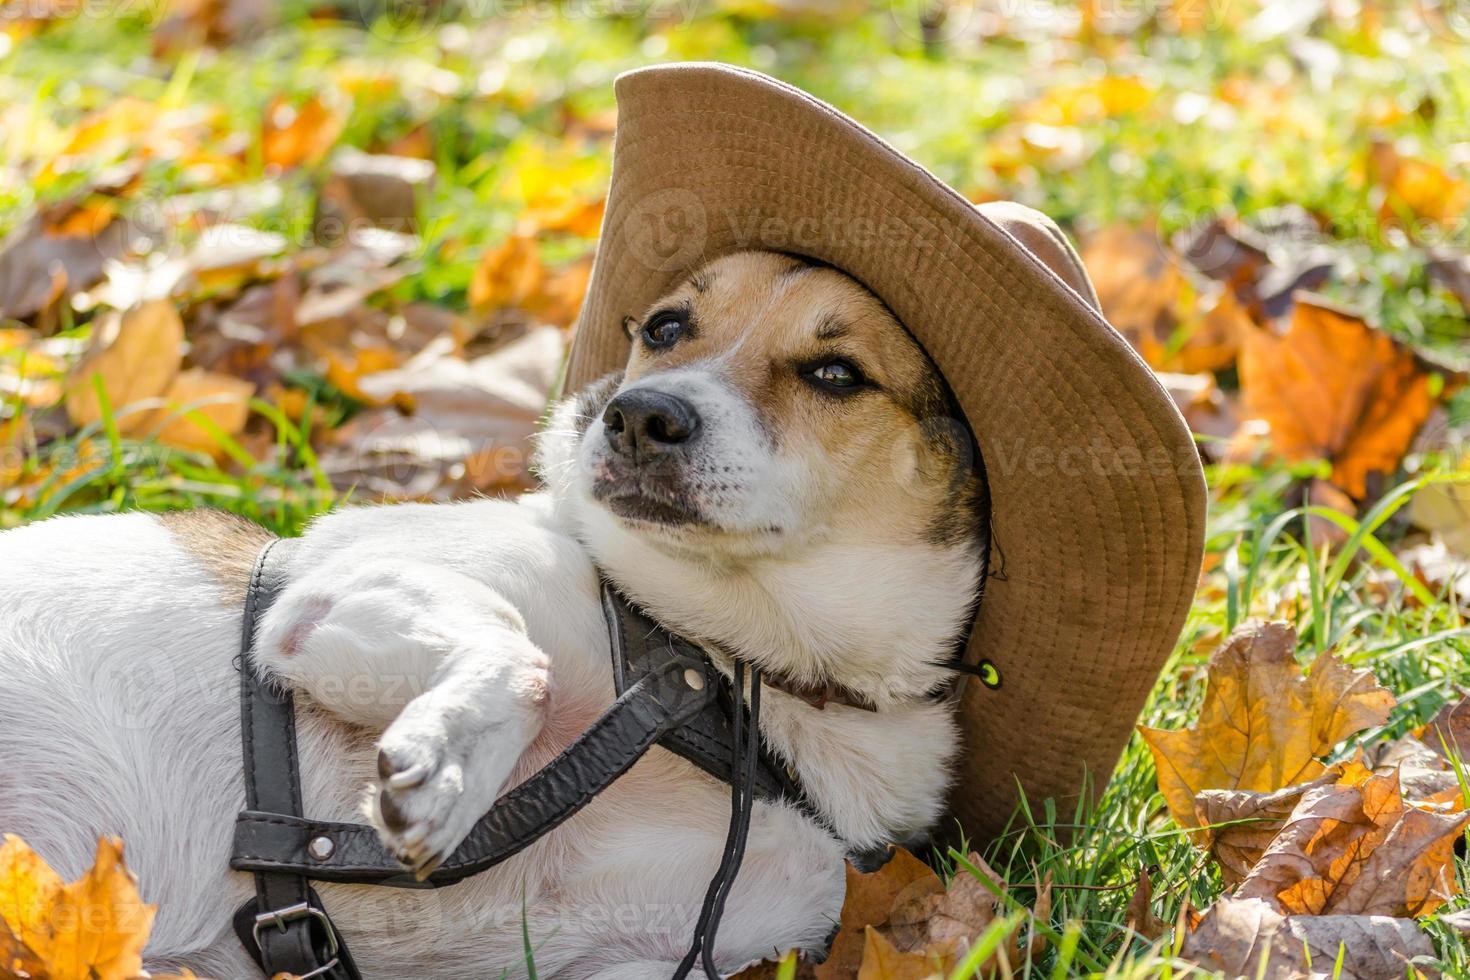 perro con sombrero y hojas de otoño foto